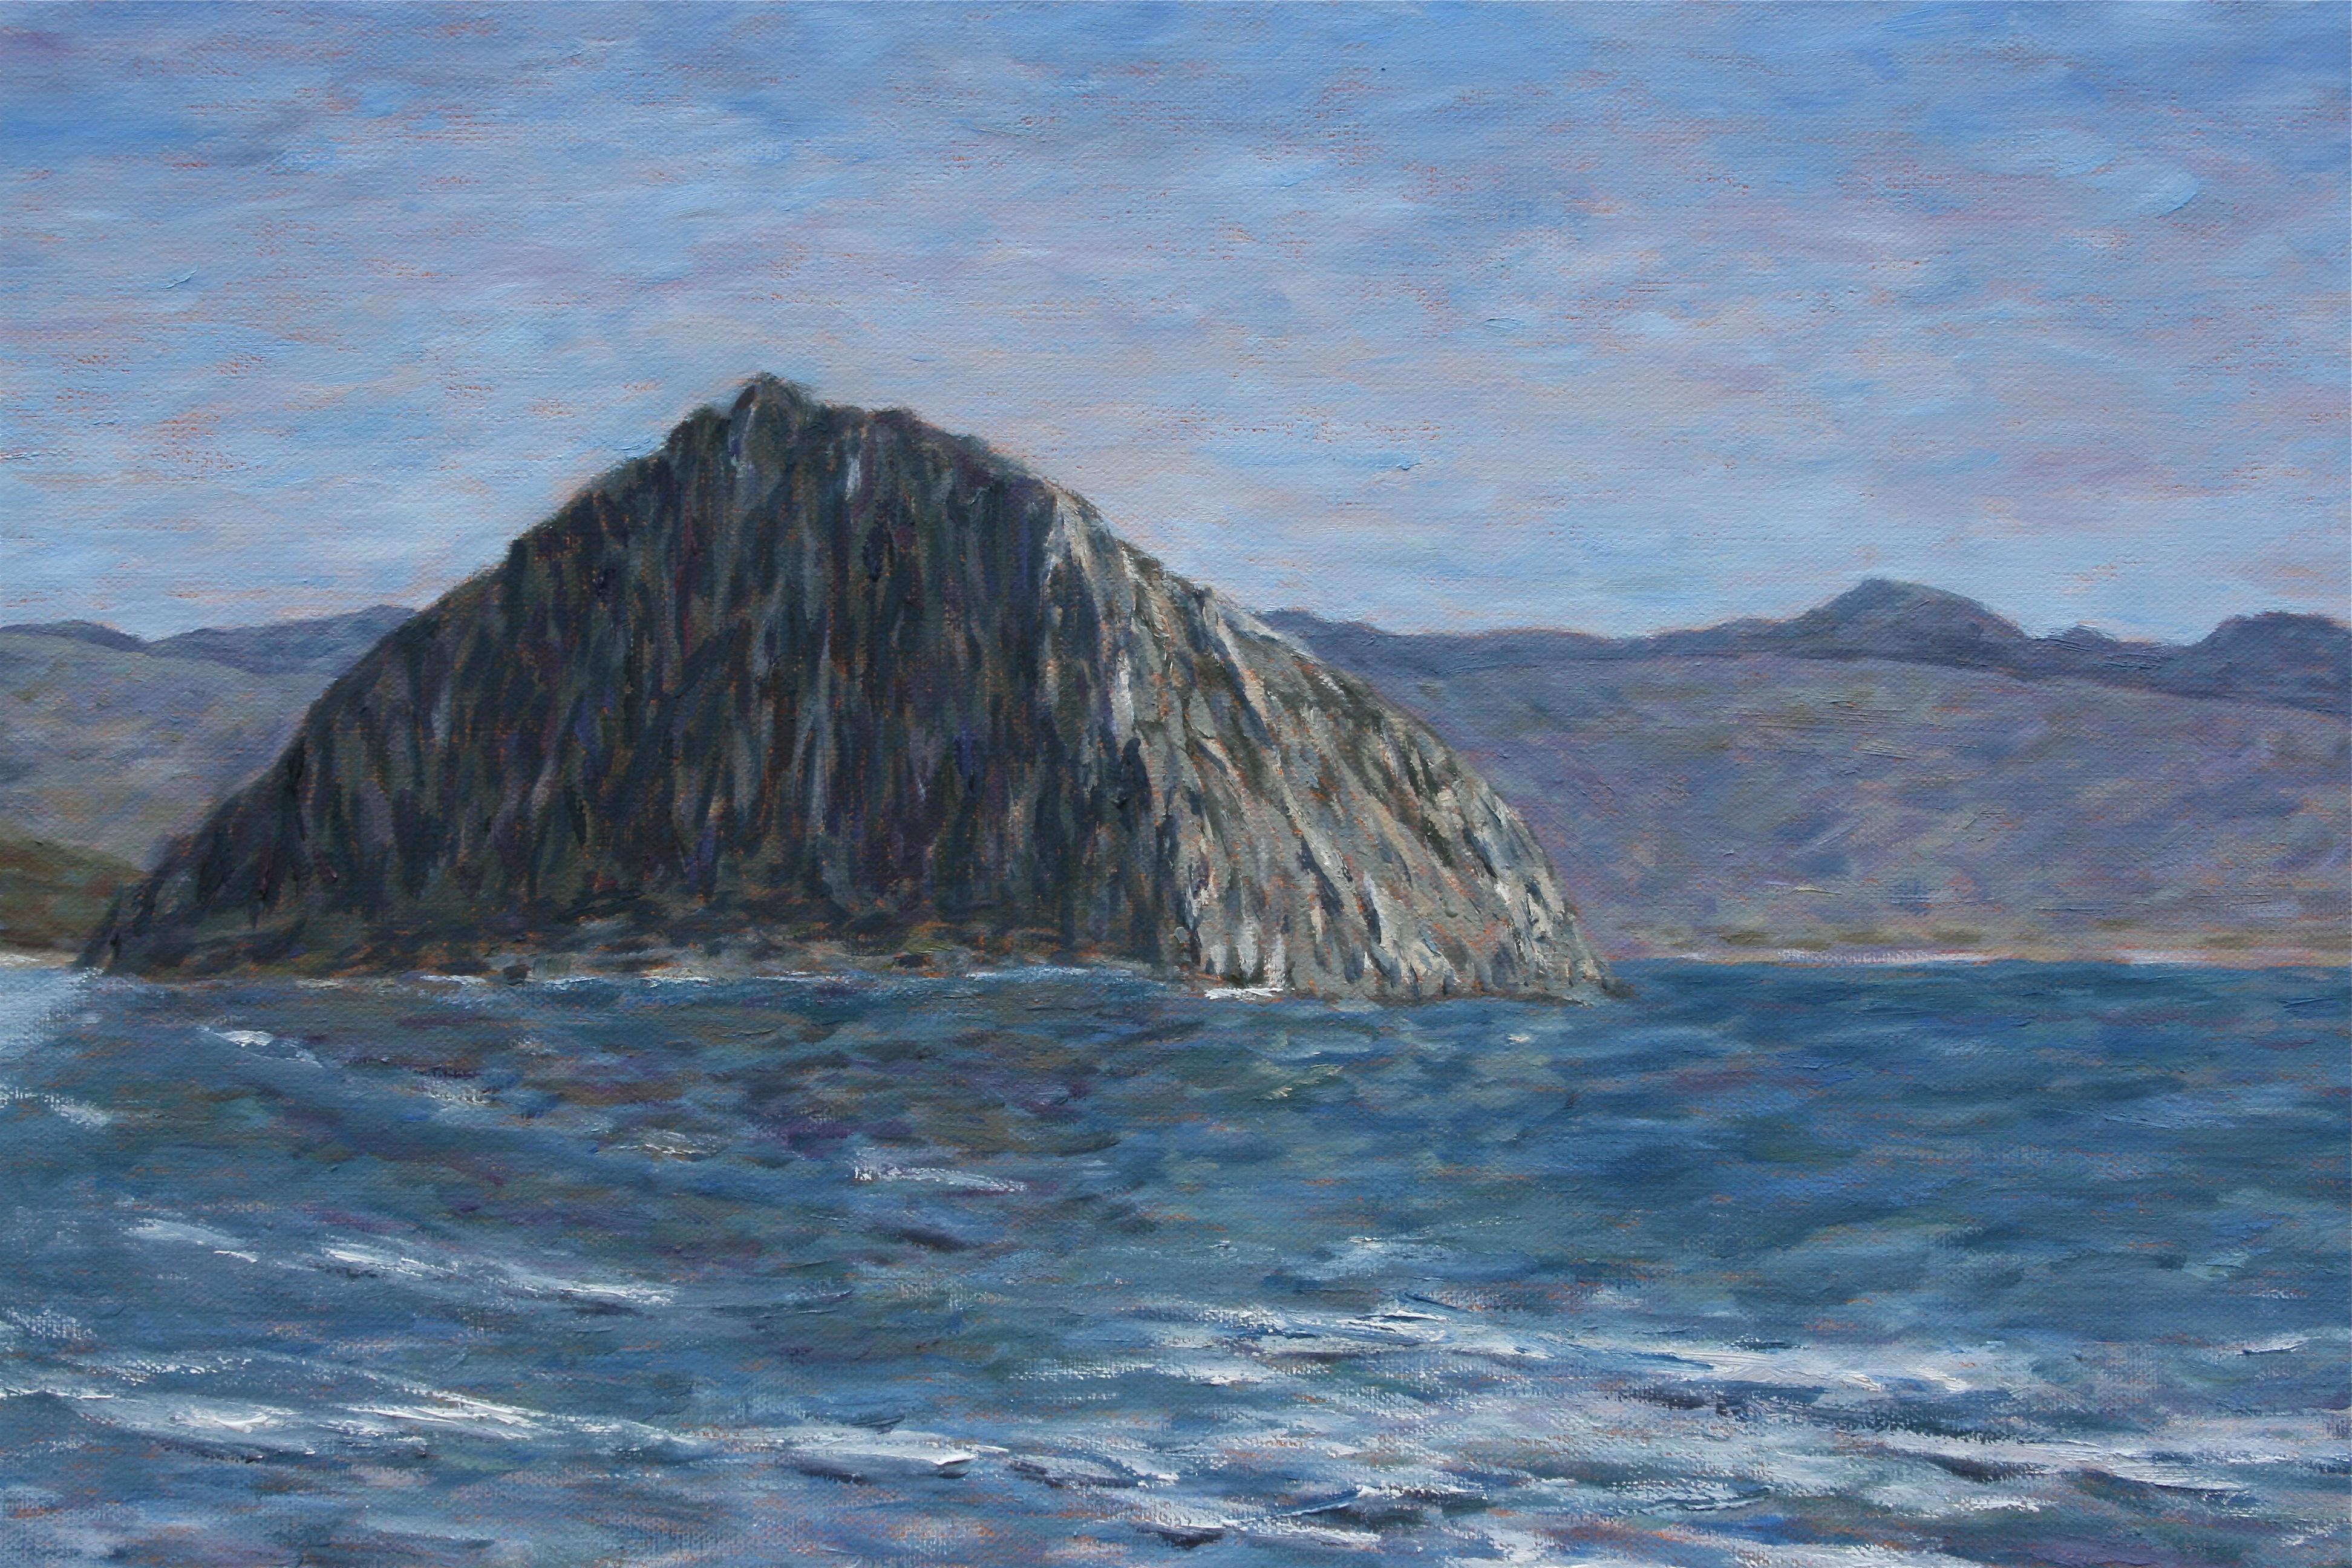 Morro Rock 2015 (detail)